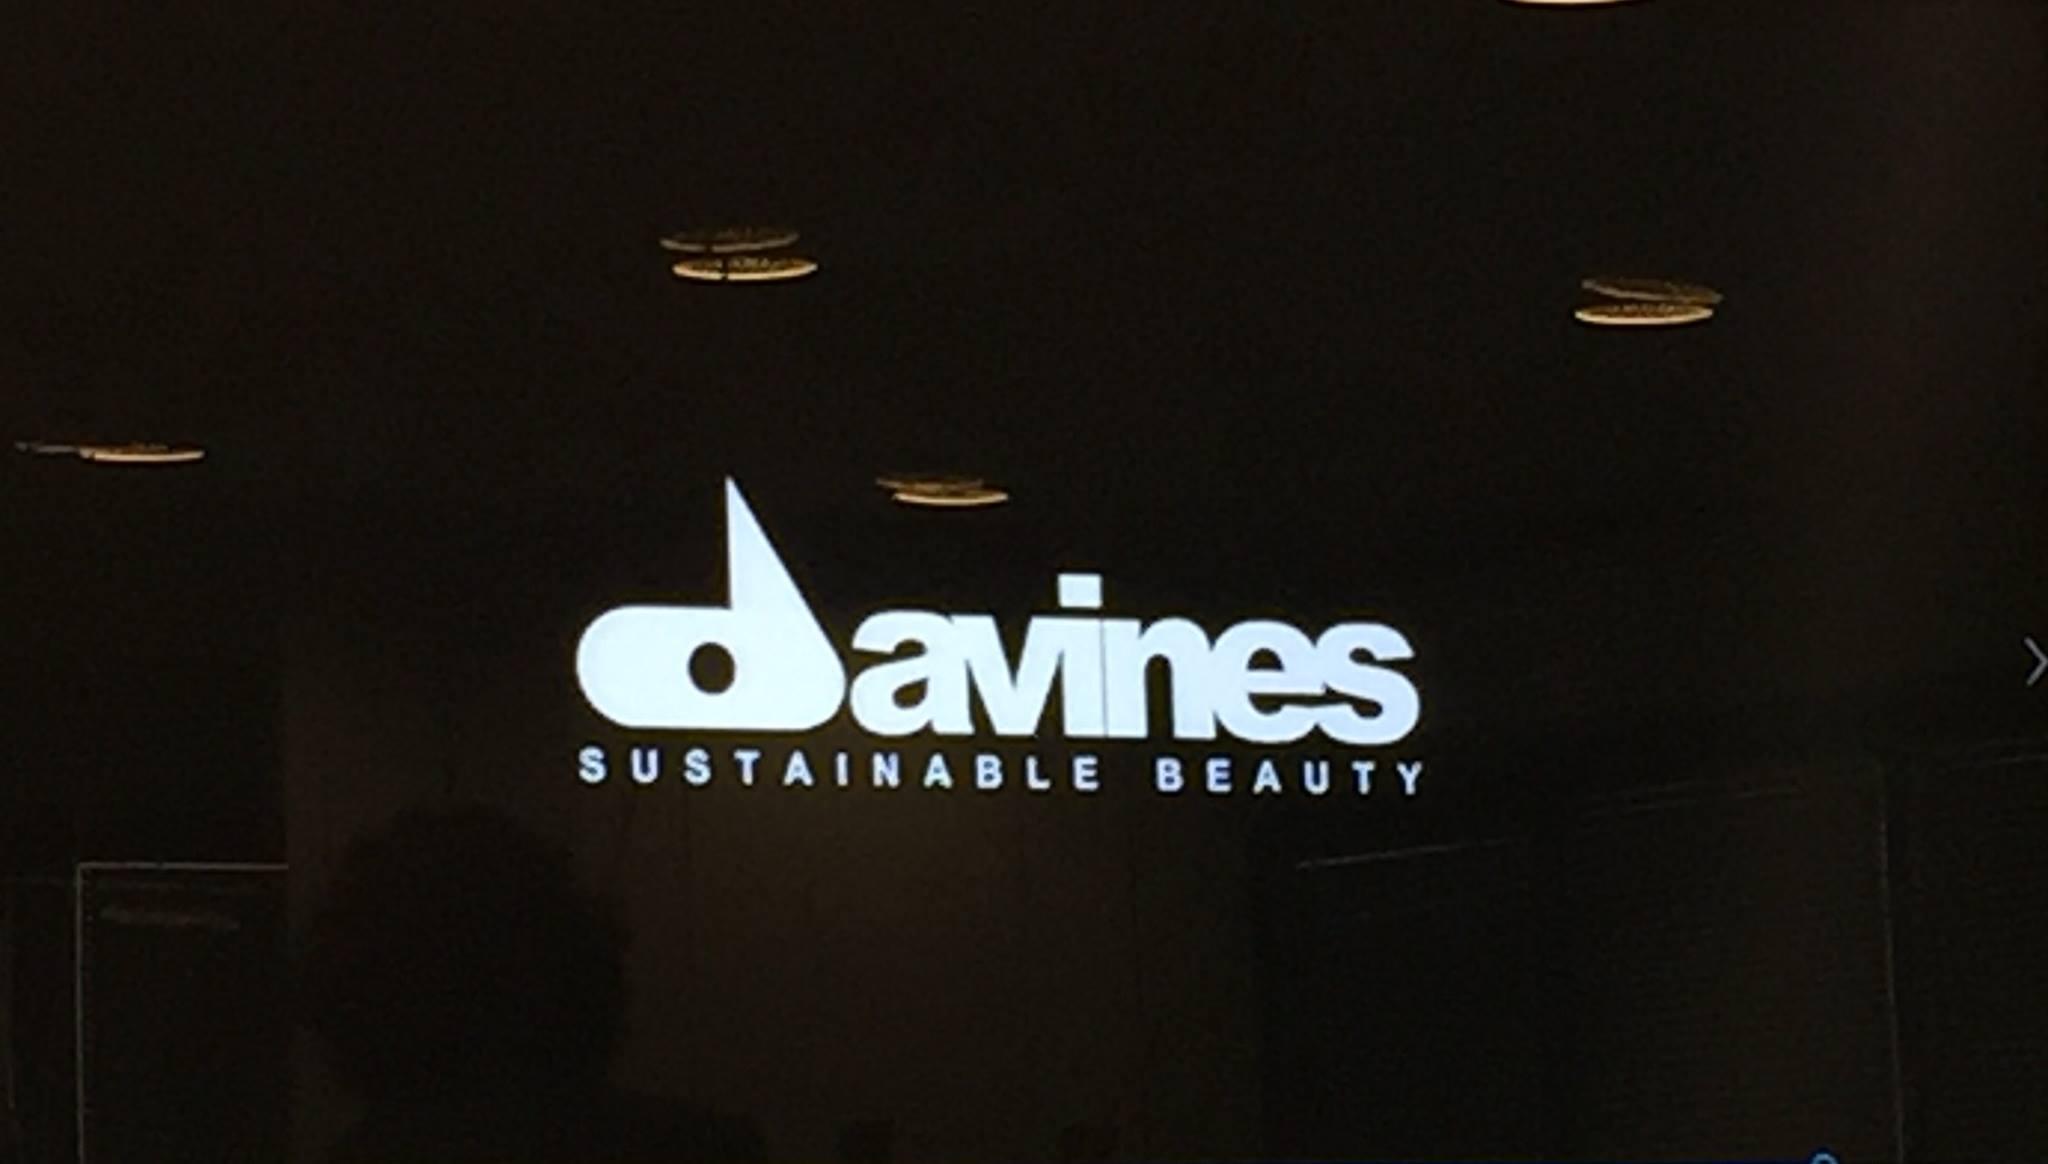 ^davines